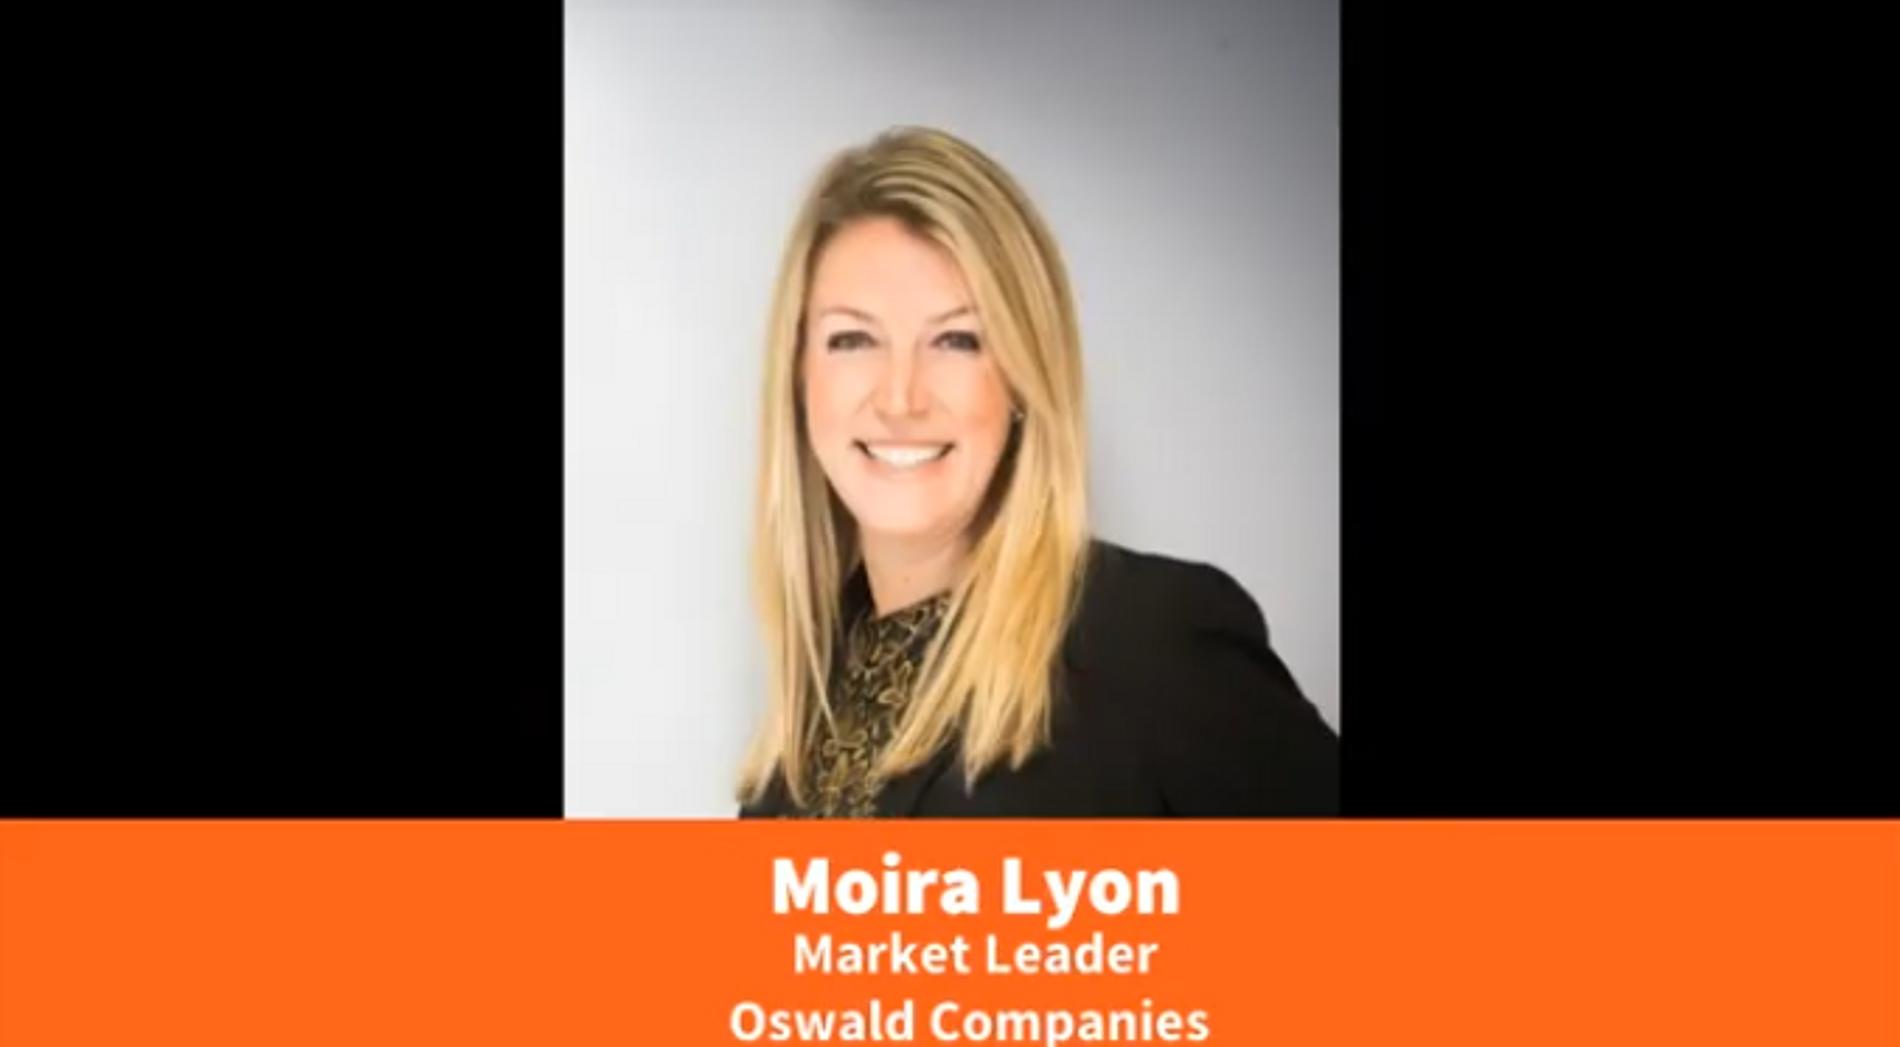 Moira Lyon